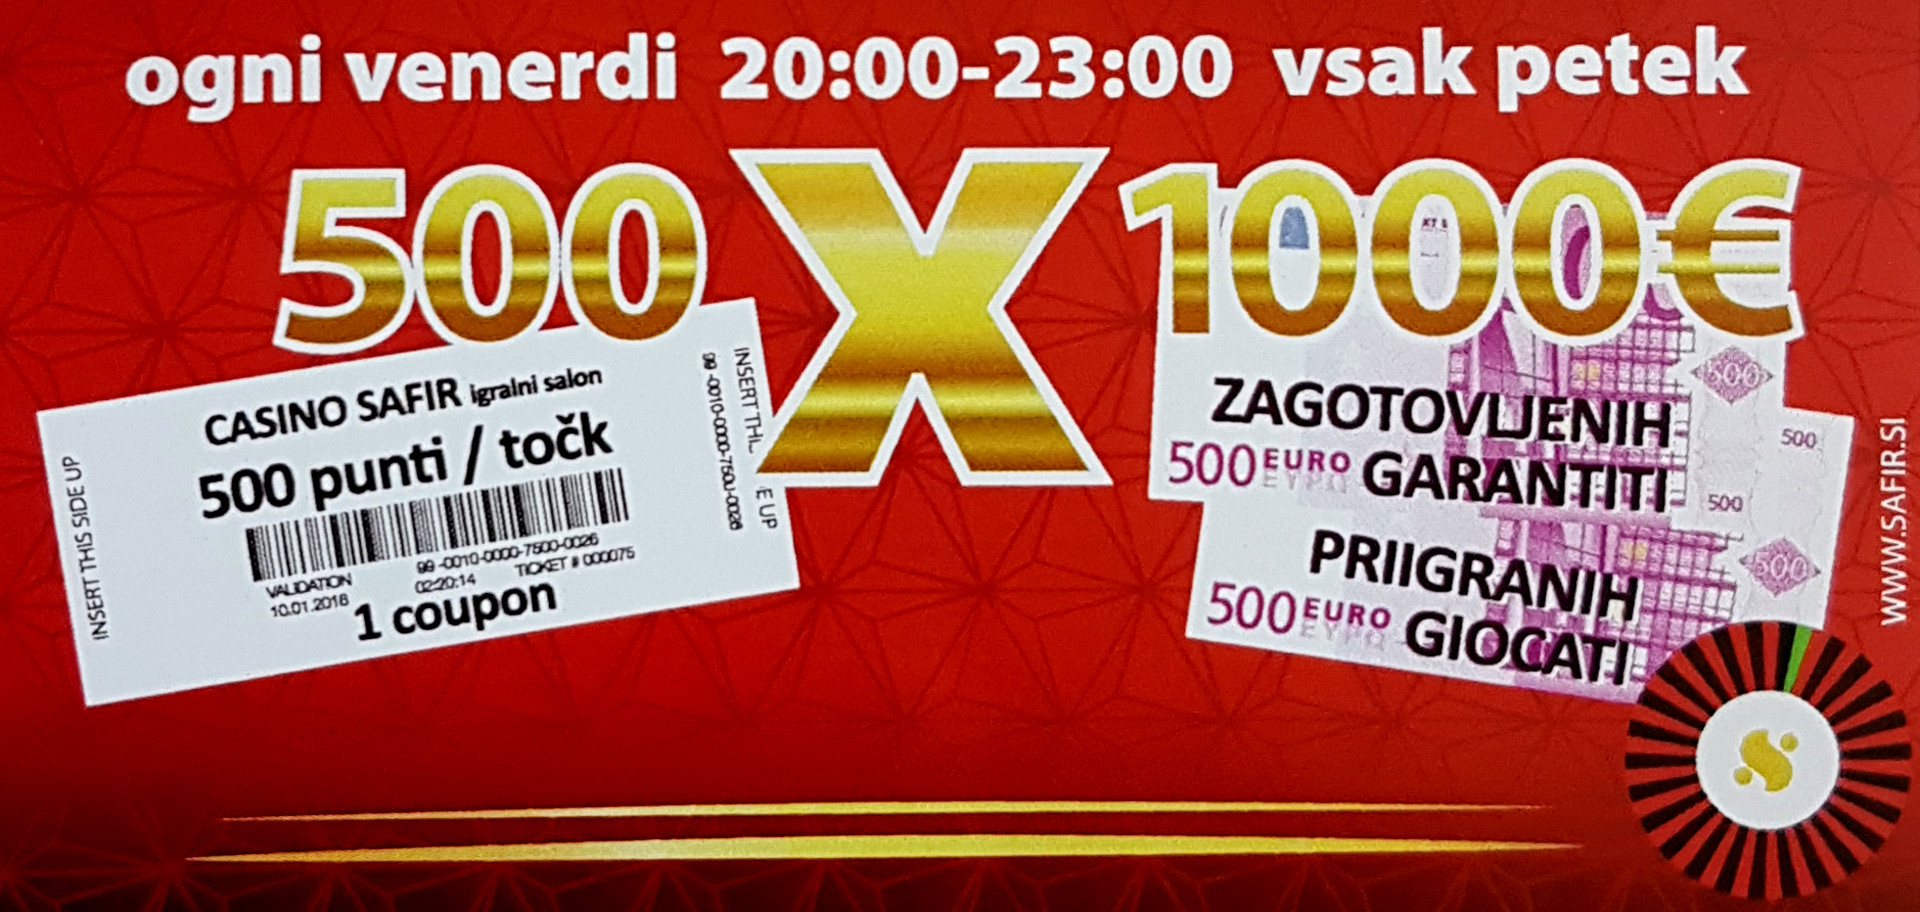 11_500x1000-900x400-www1